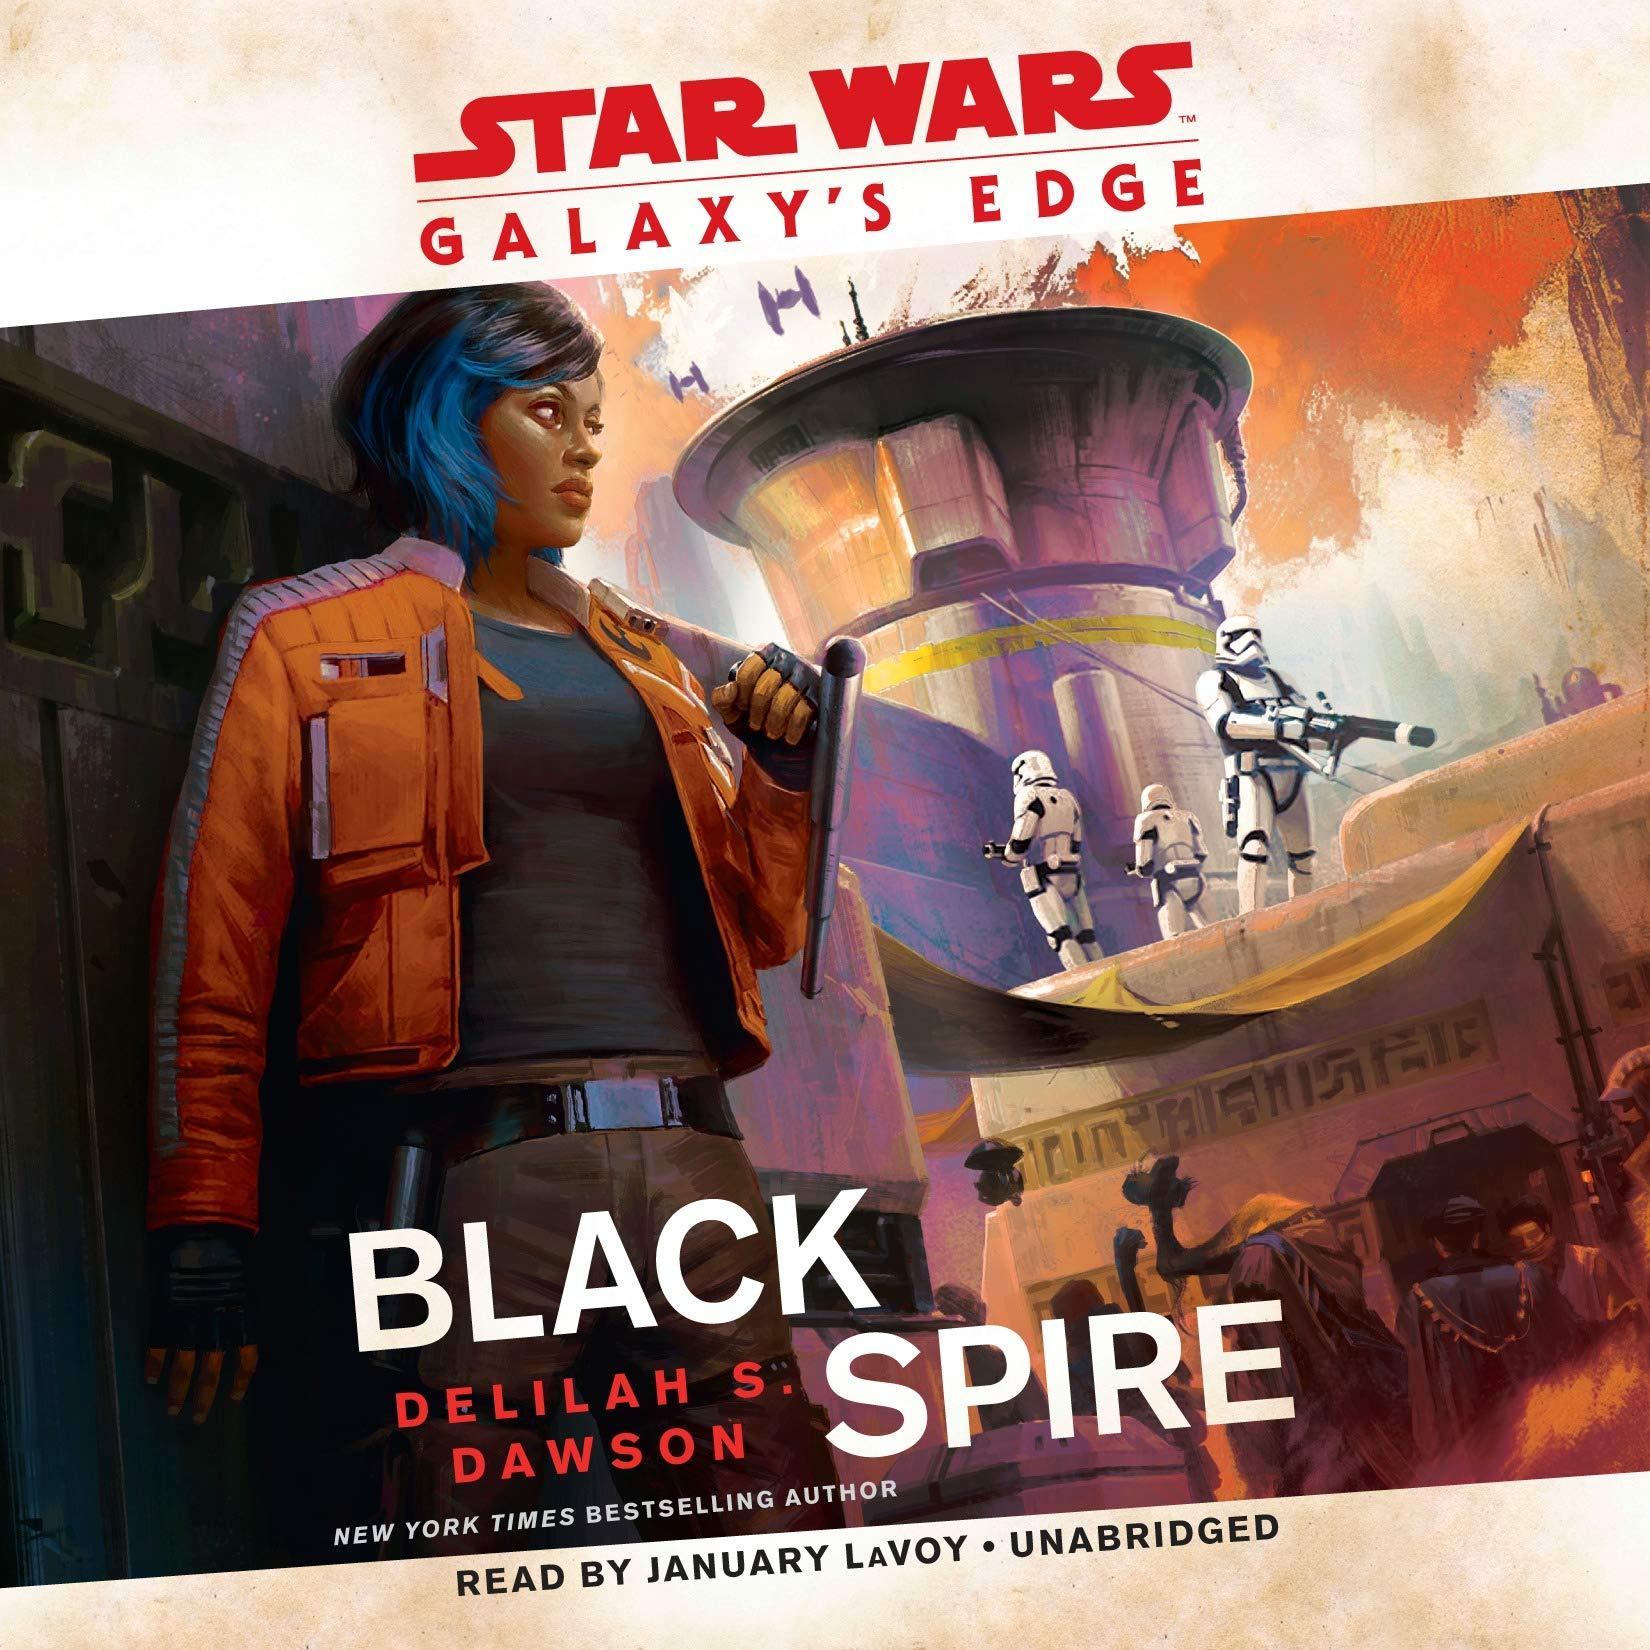 Star Wars Galaxy's Edge: Black Spire (audio)